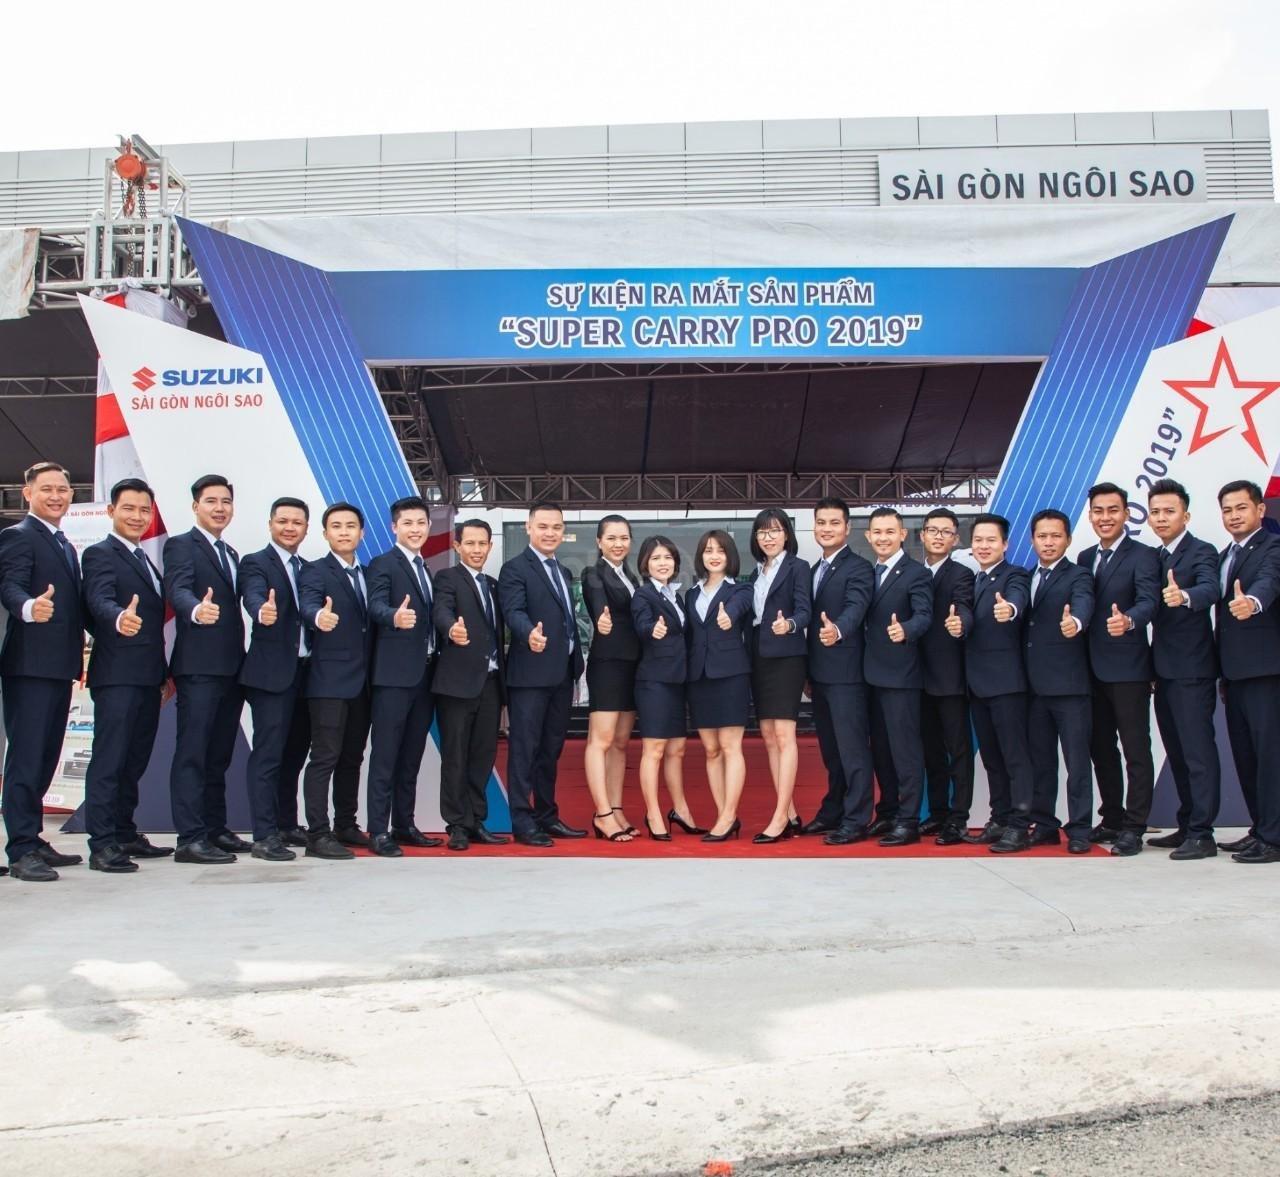 Suzuki Sài Gòn Ngôi Sao (5)